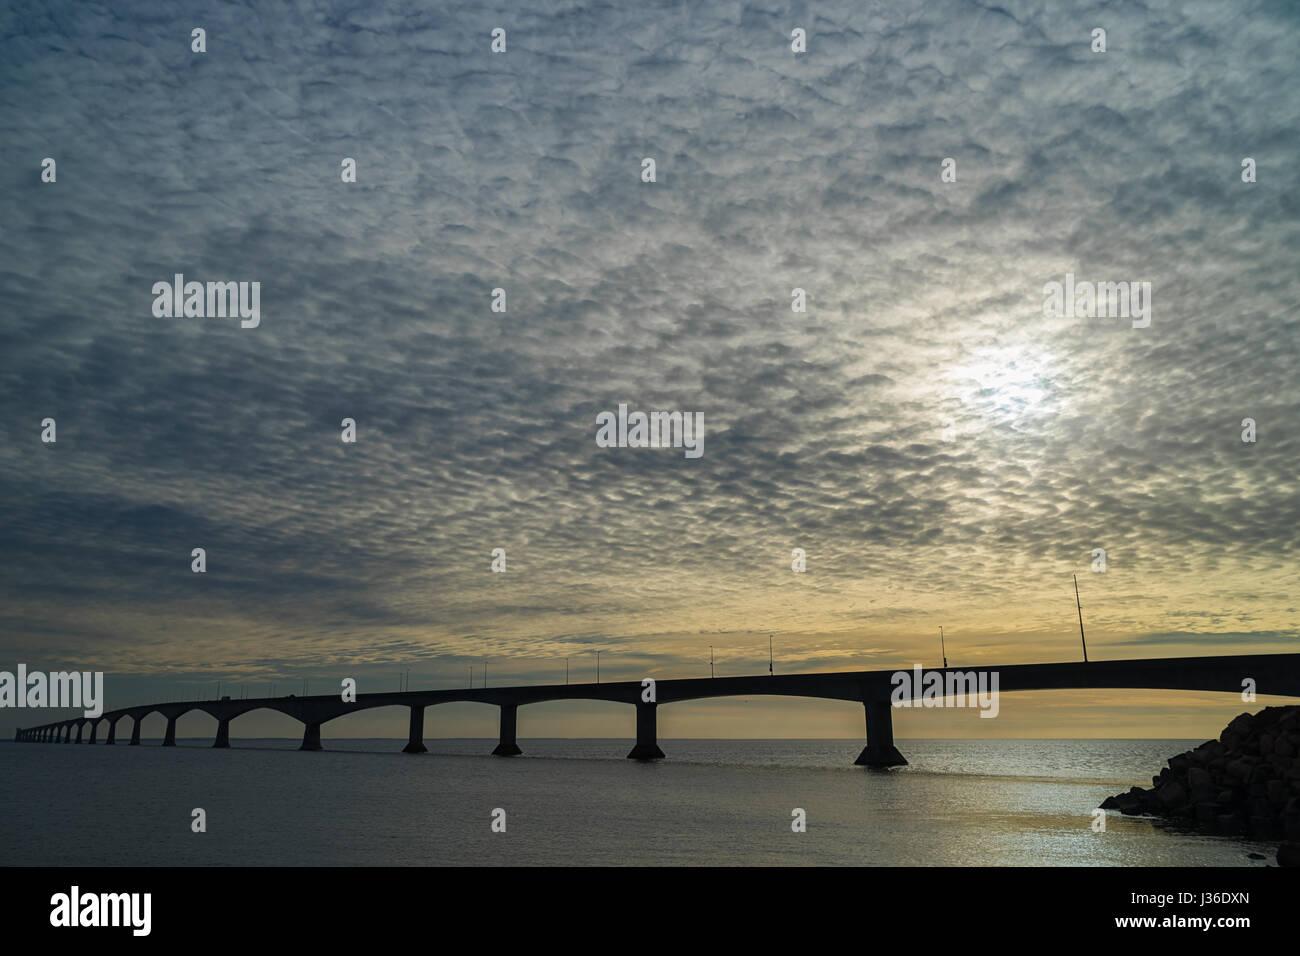 Cielos nublados por la Confederación puente que une la Isla del Príncipe Eduardo con la parte continental de Nueva Brunswick, Canadá. Foto de stock